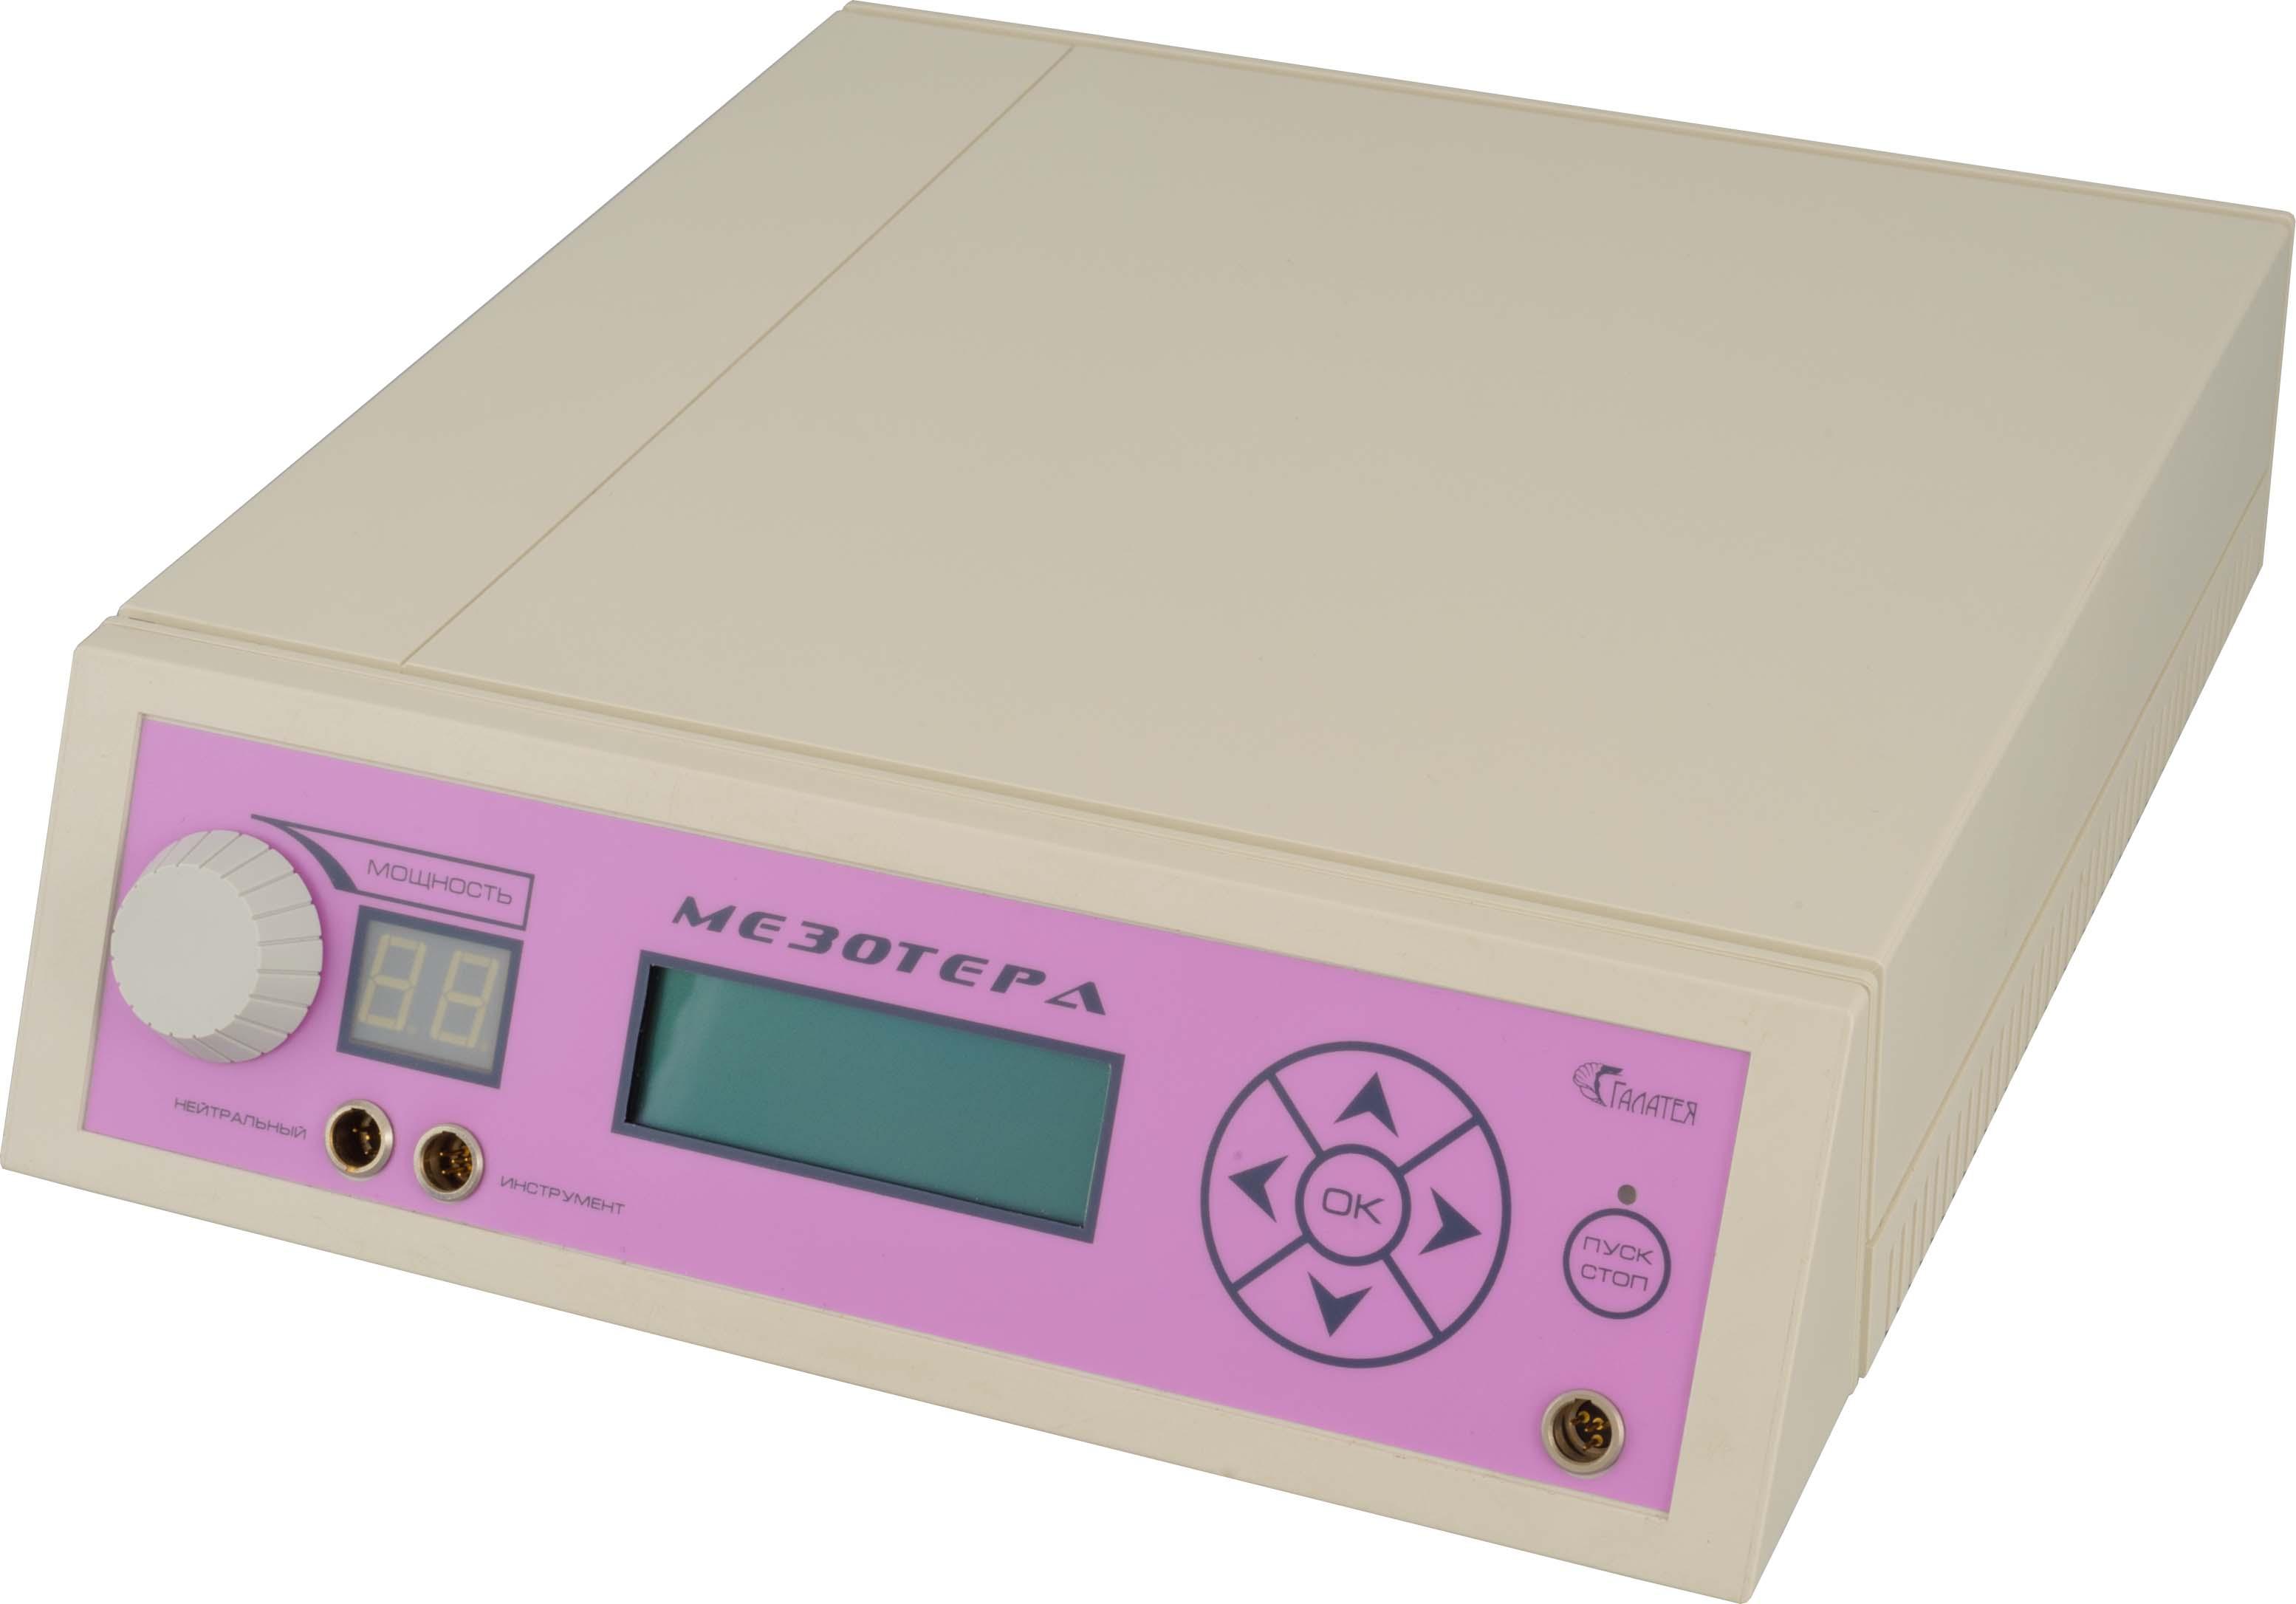 Аппарат короткоимпульсной электротерапии МЕЗОТЕРА «Галатея»